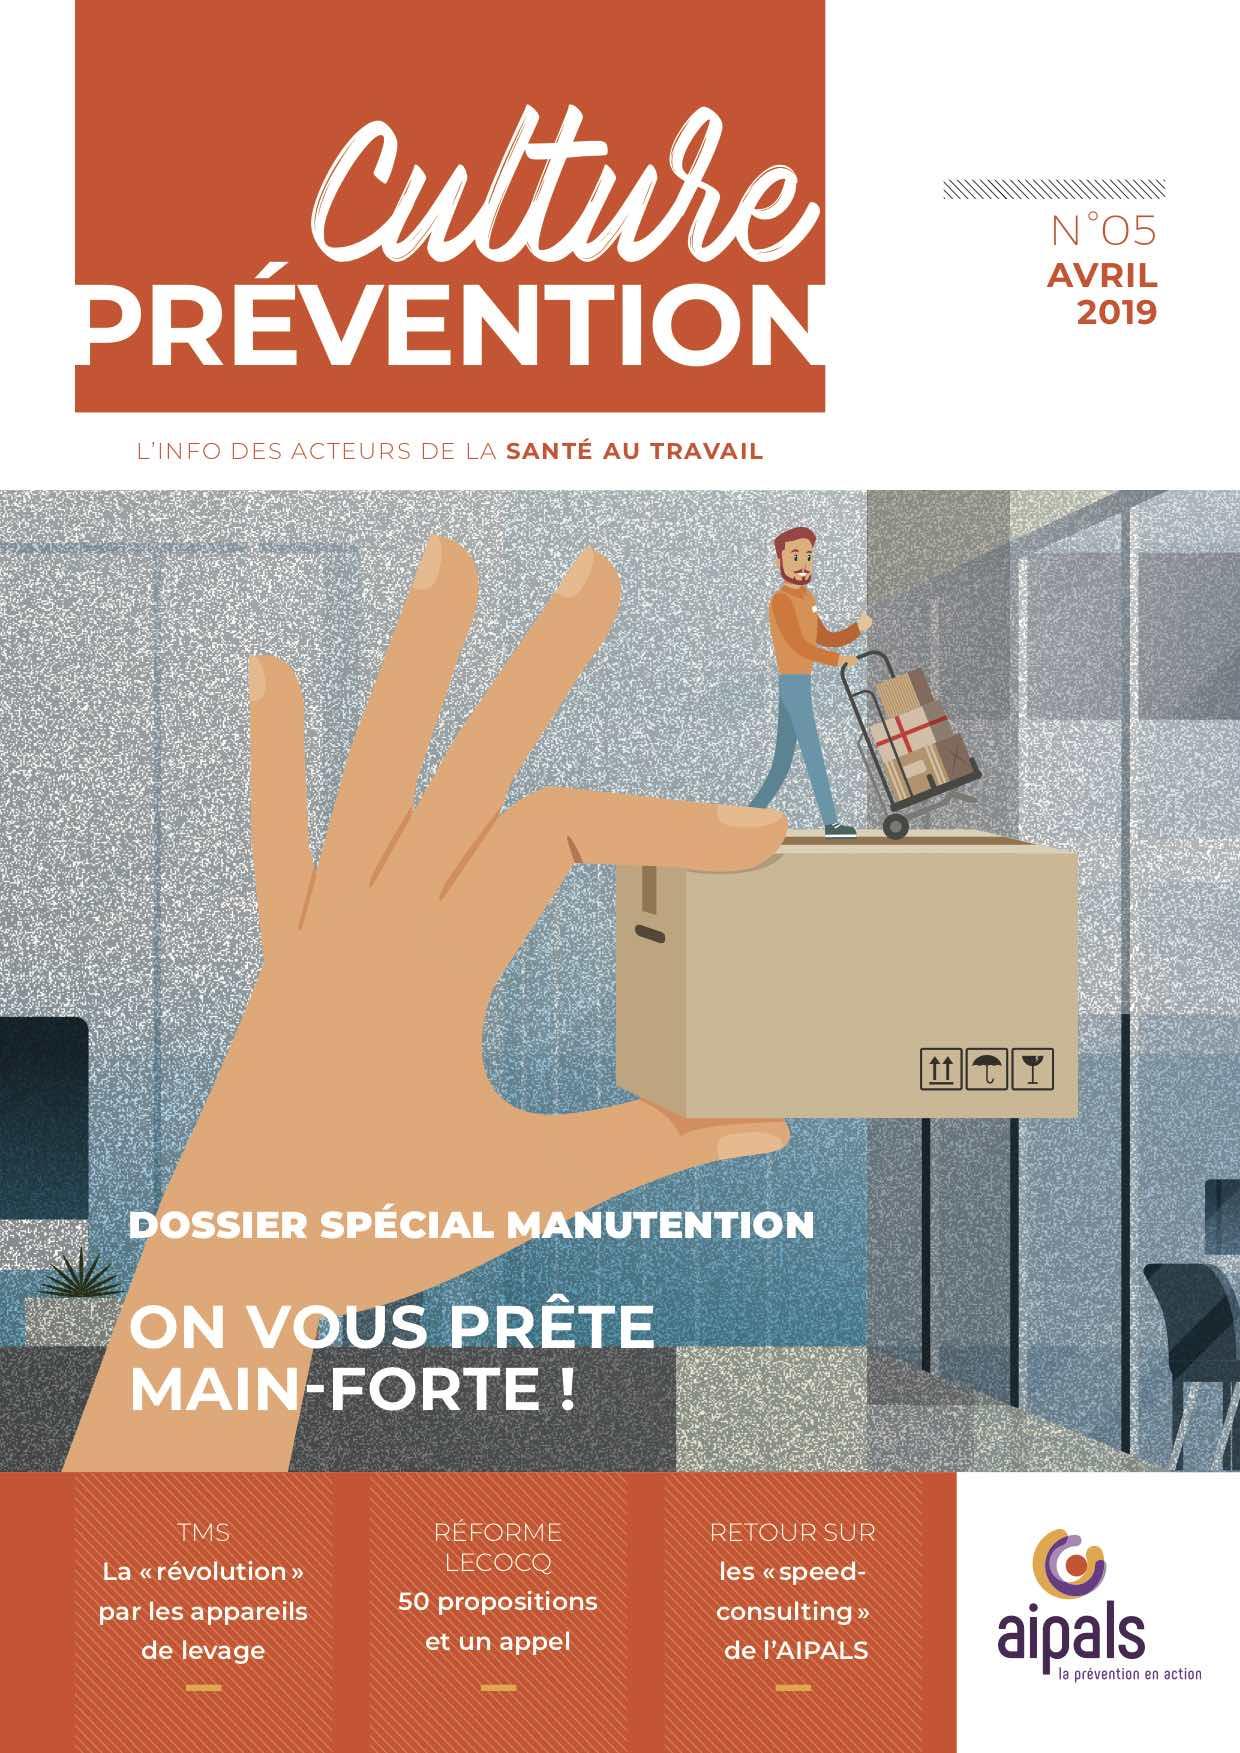 En 2018, l'AIPALS (santé au travail) a lancé un magazine à destination de ses entreprises adhérentes. Nous avons travaillé ensemble à la conception (chemin de fer, rubricage) et je réalise depuis, de A à Z, la rédaction des articles.